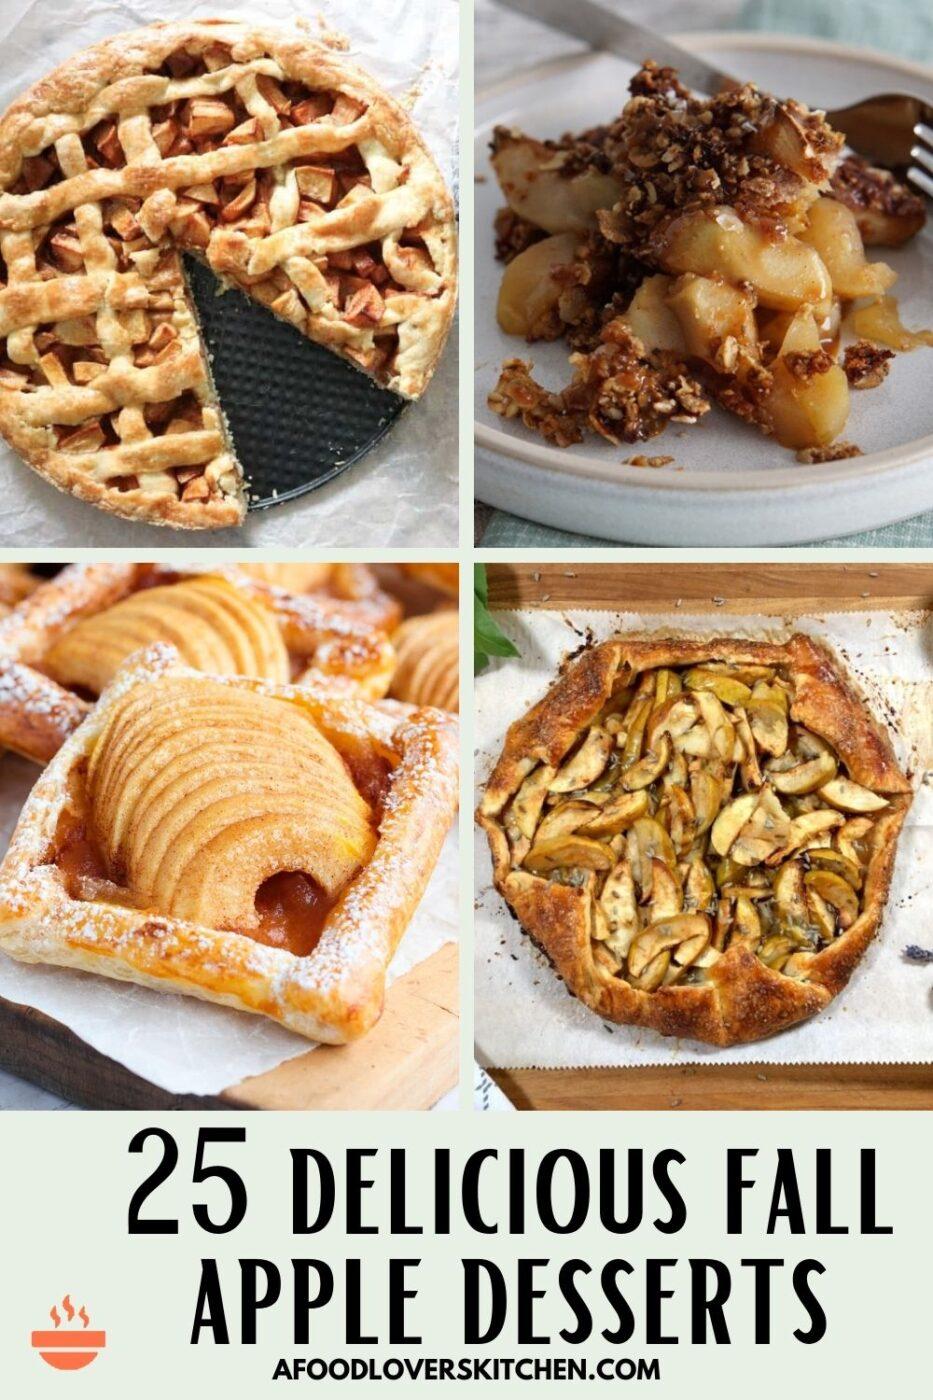 apple pie, apple crisp, apple tart and apple galette